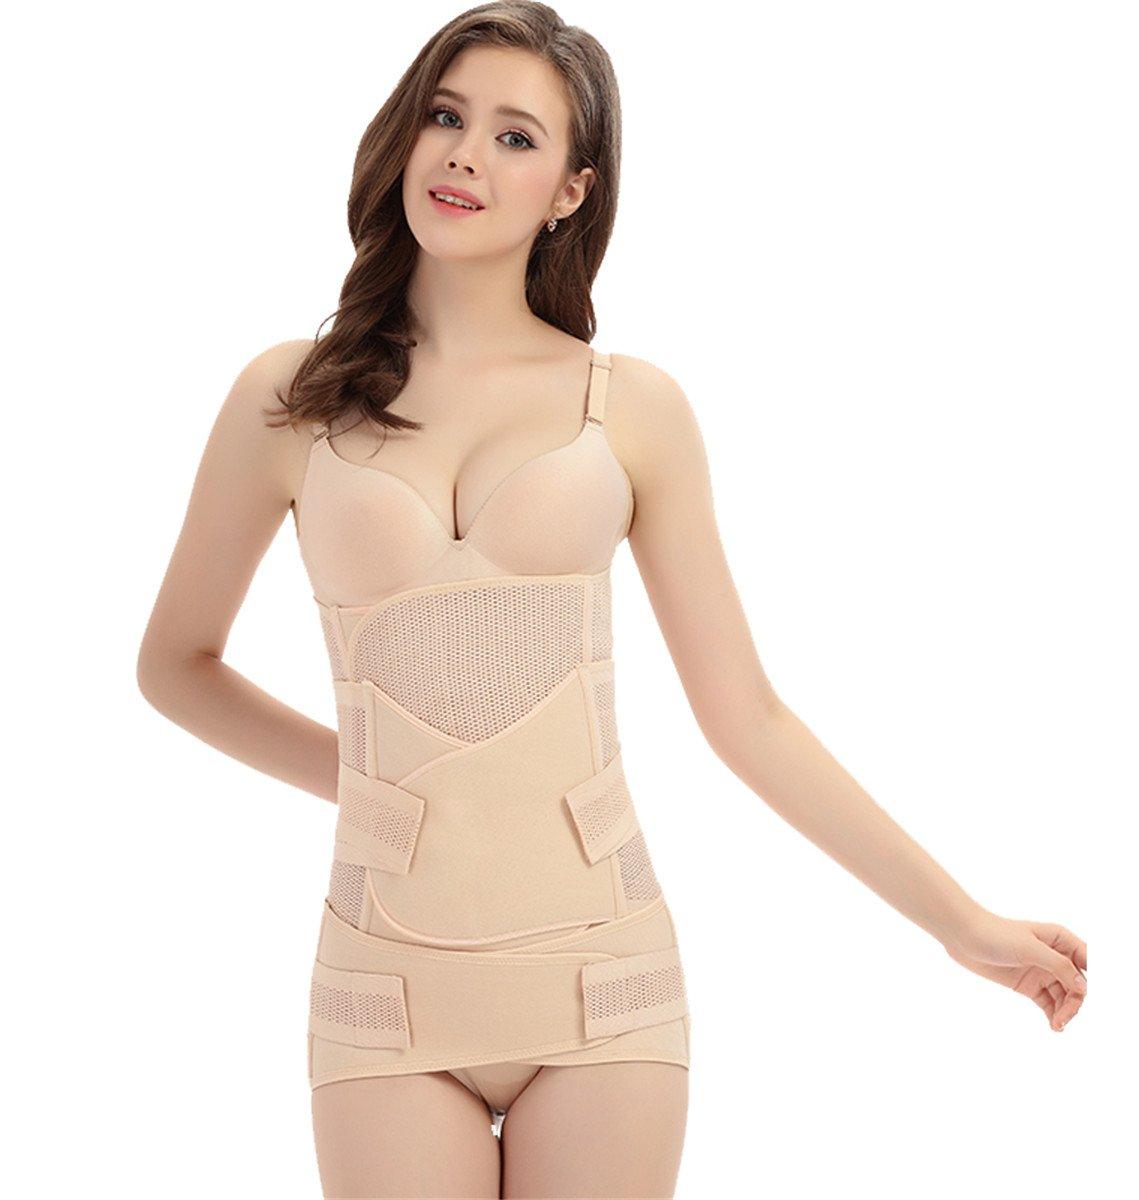 3 in 1 Postpartum Support Recovery Belly Wrap Waist/Pelvis Belt Body Shaper Postnatal Shapewear(M) by kaimap